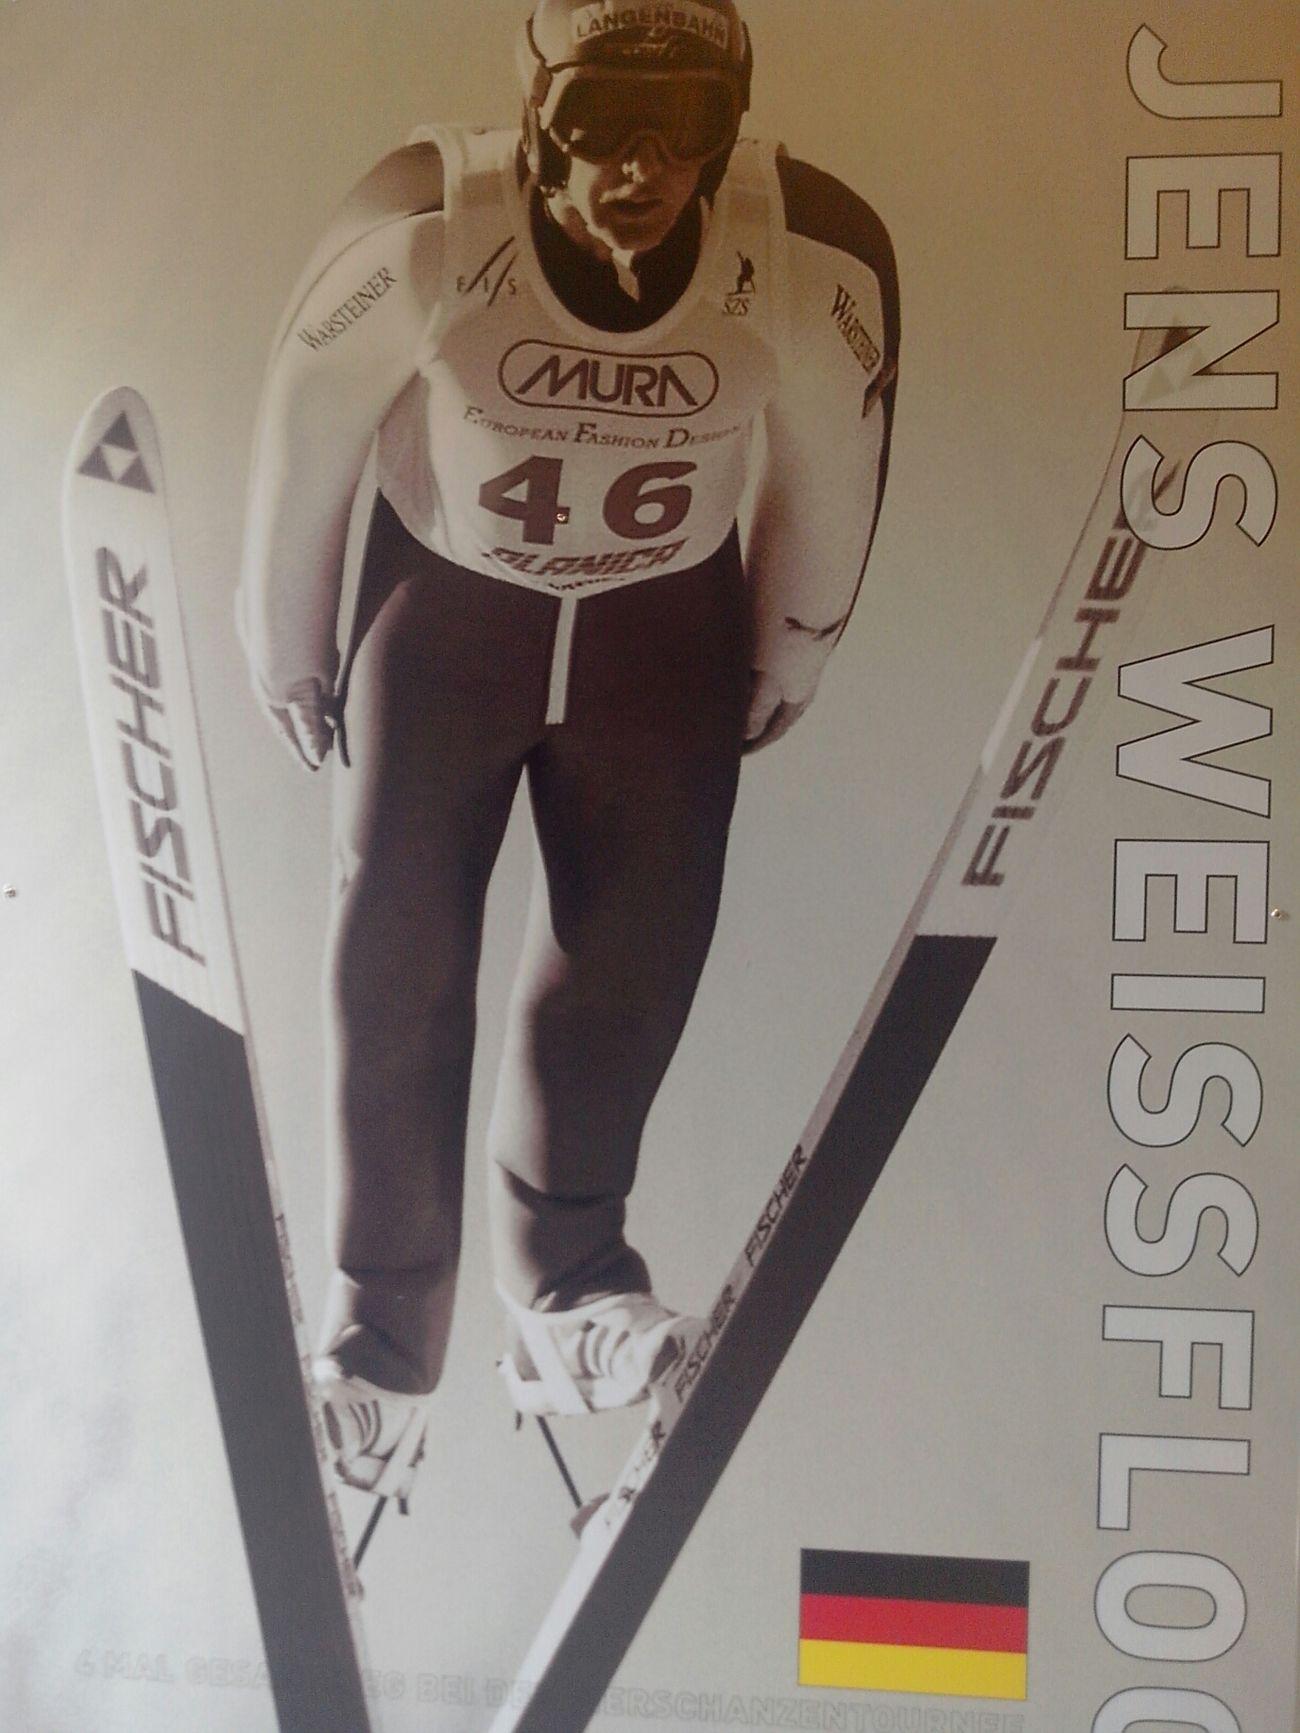 Olympiaschanze Innsbruck